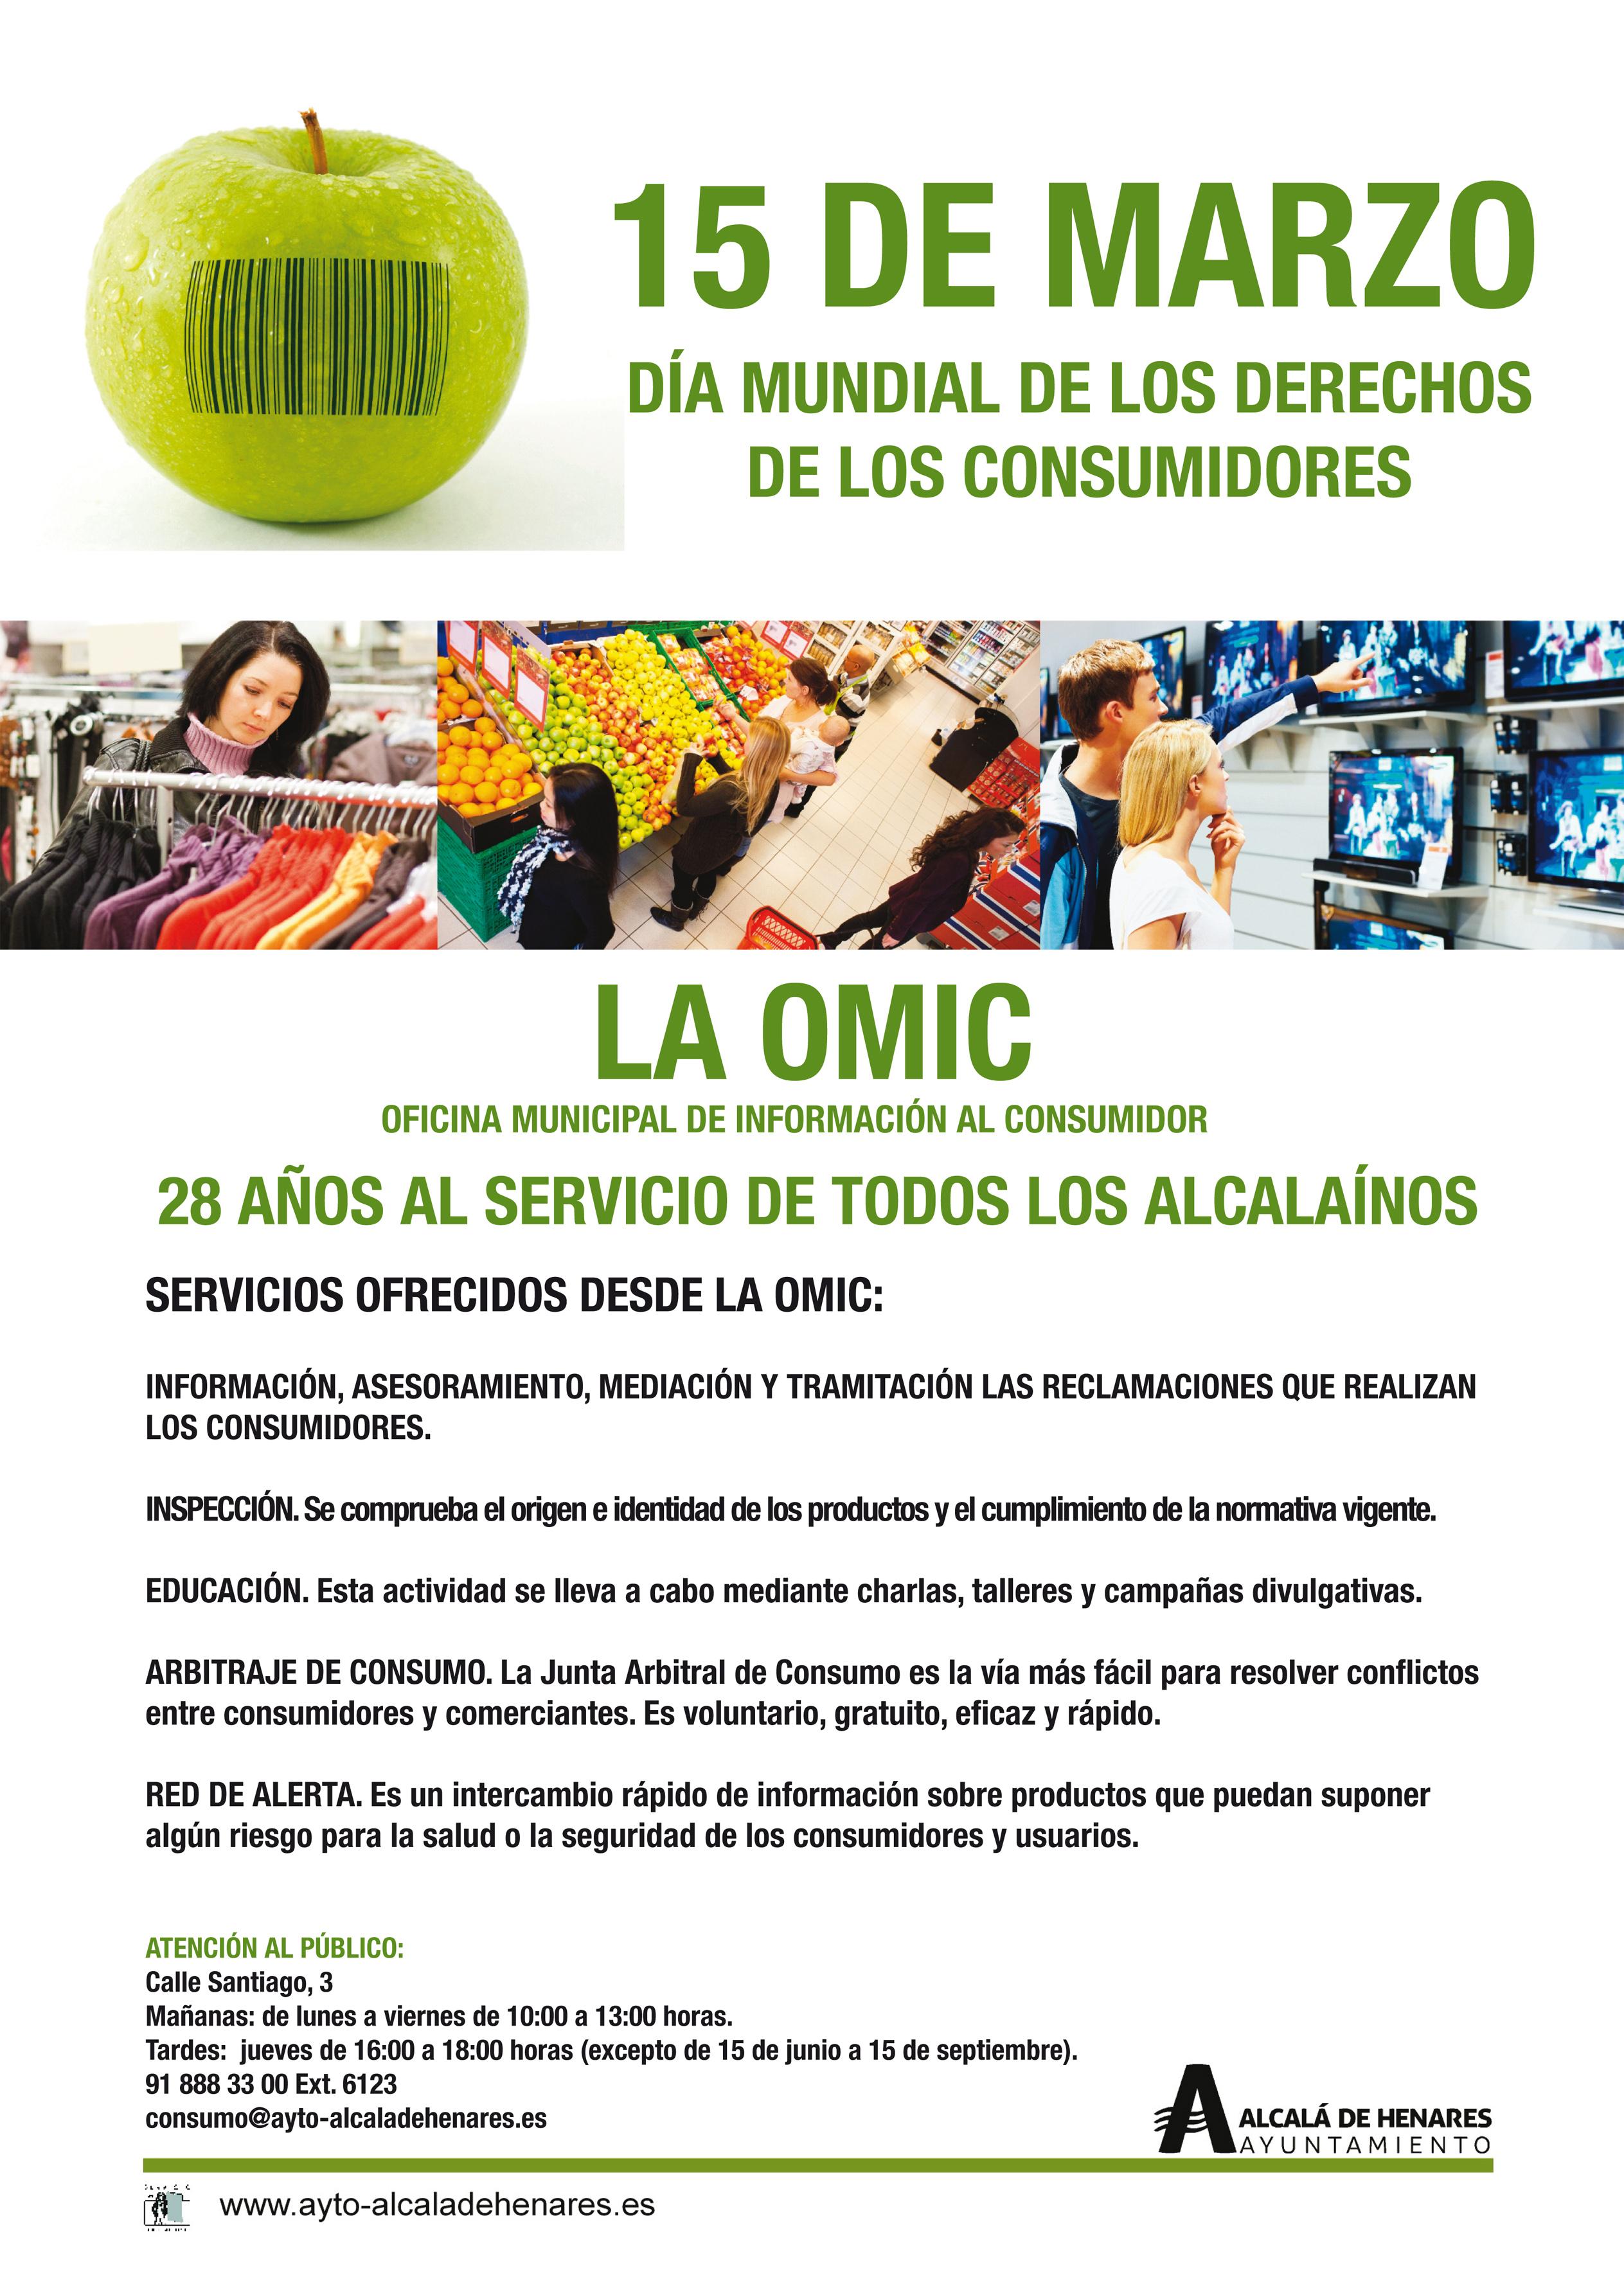 D a de los derechos del consumidor la omic de alcal for Tlf oficina del consumidor